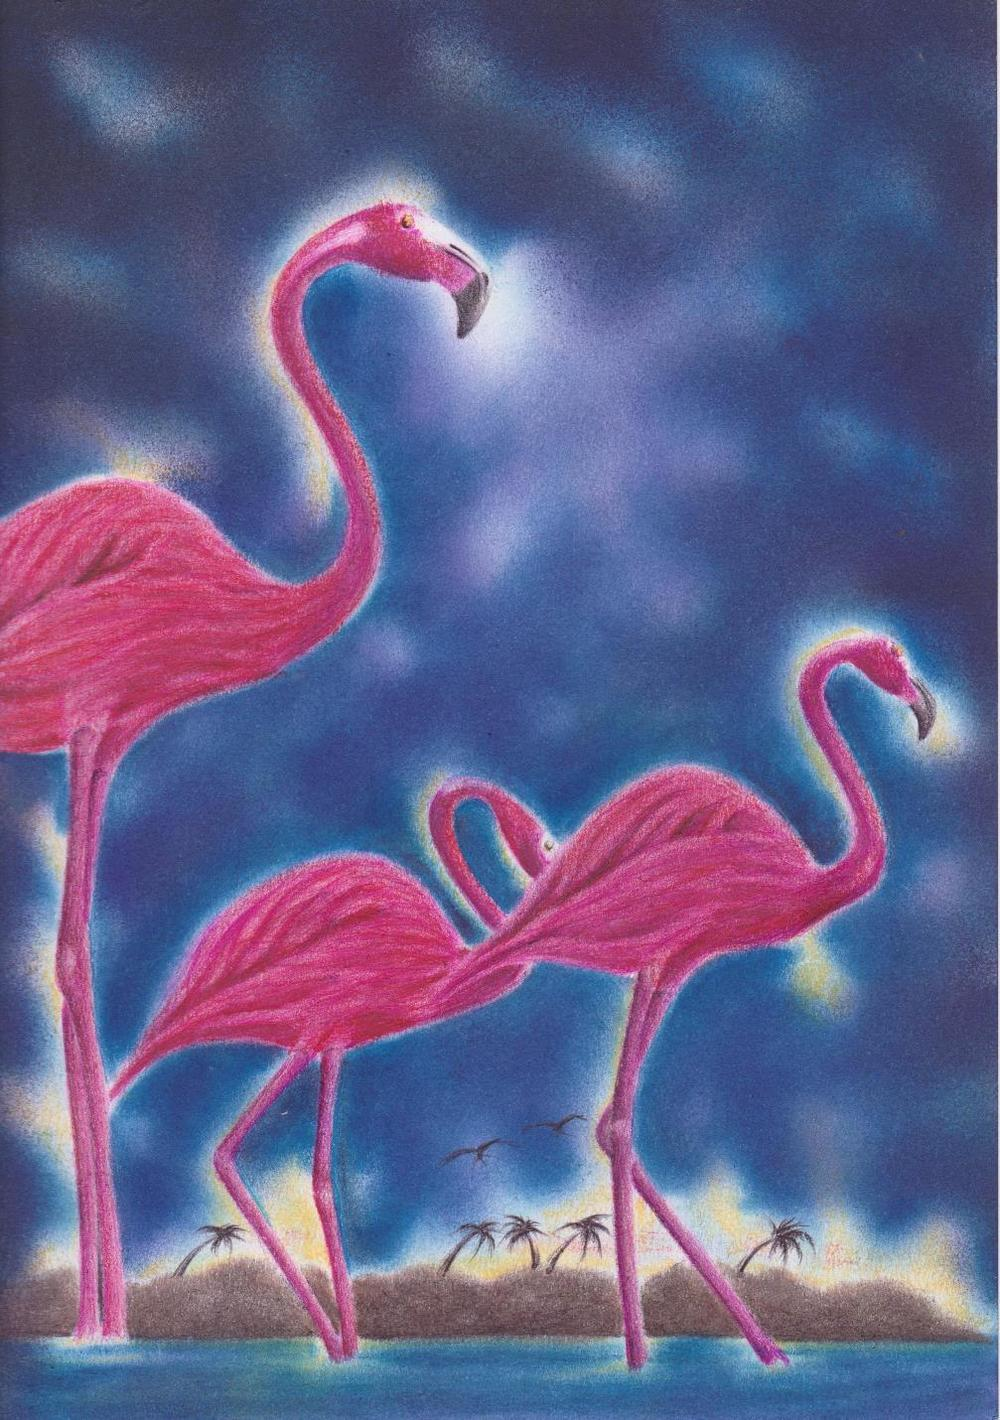 Flamingos by Uvaldo Nevarez (Pastel Drawing) 001a.jpg